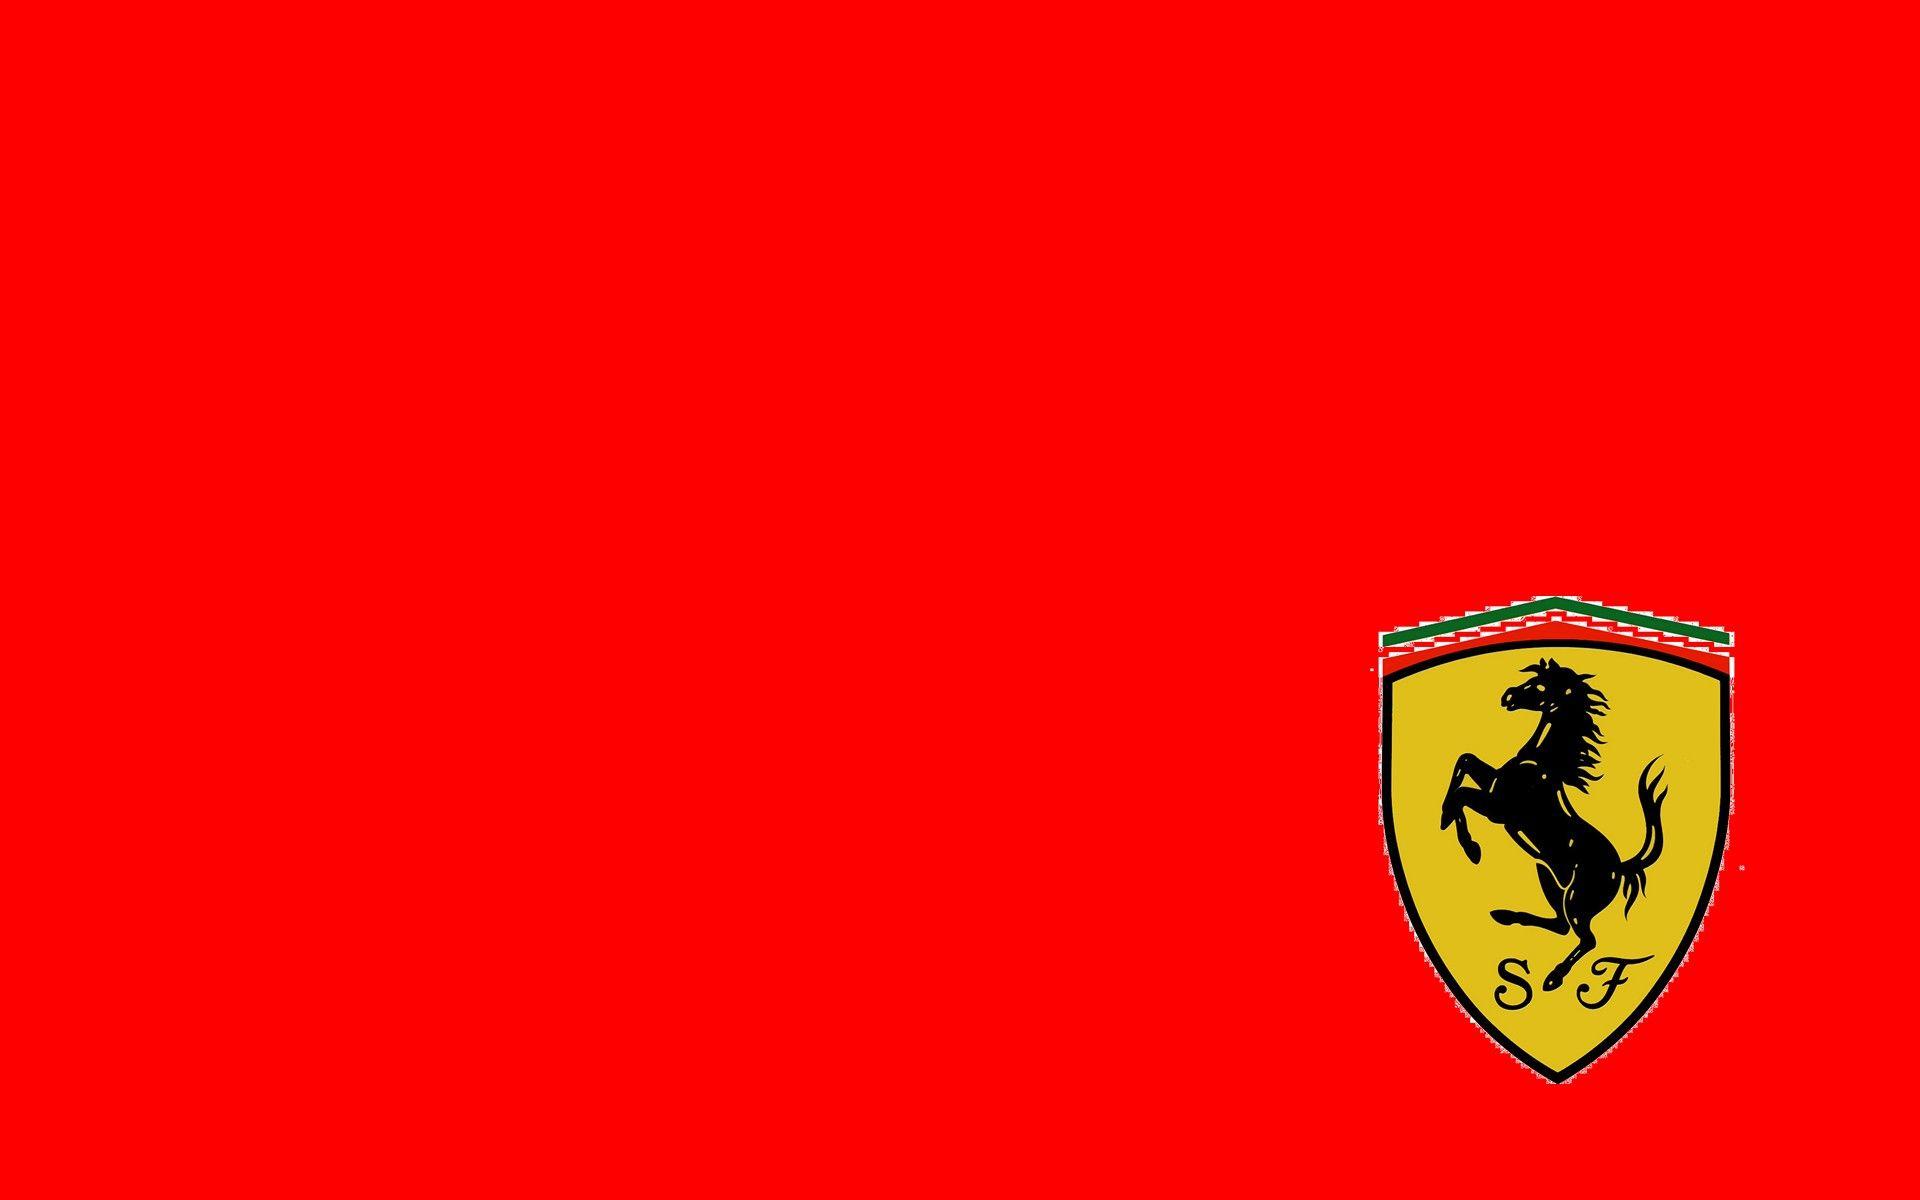 Ferrari Logo HD Laptop Wallpapers Ferrari, FerrariLogo